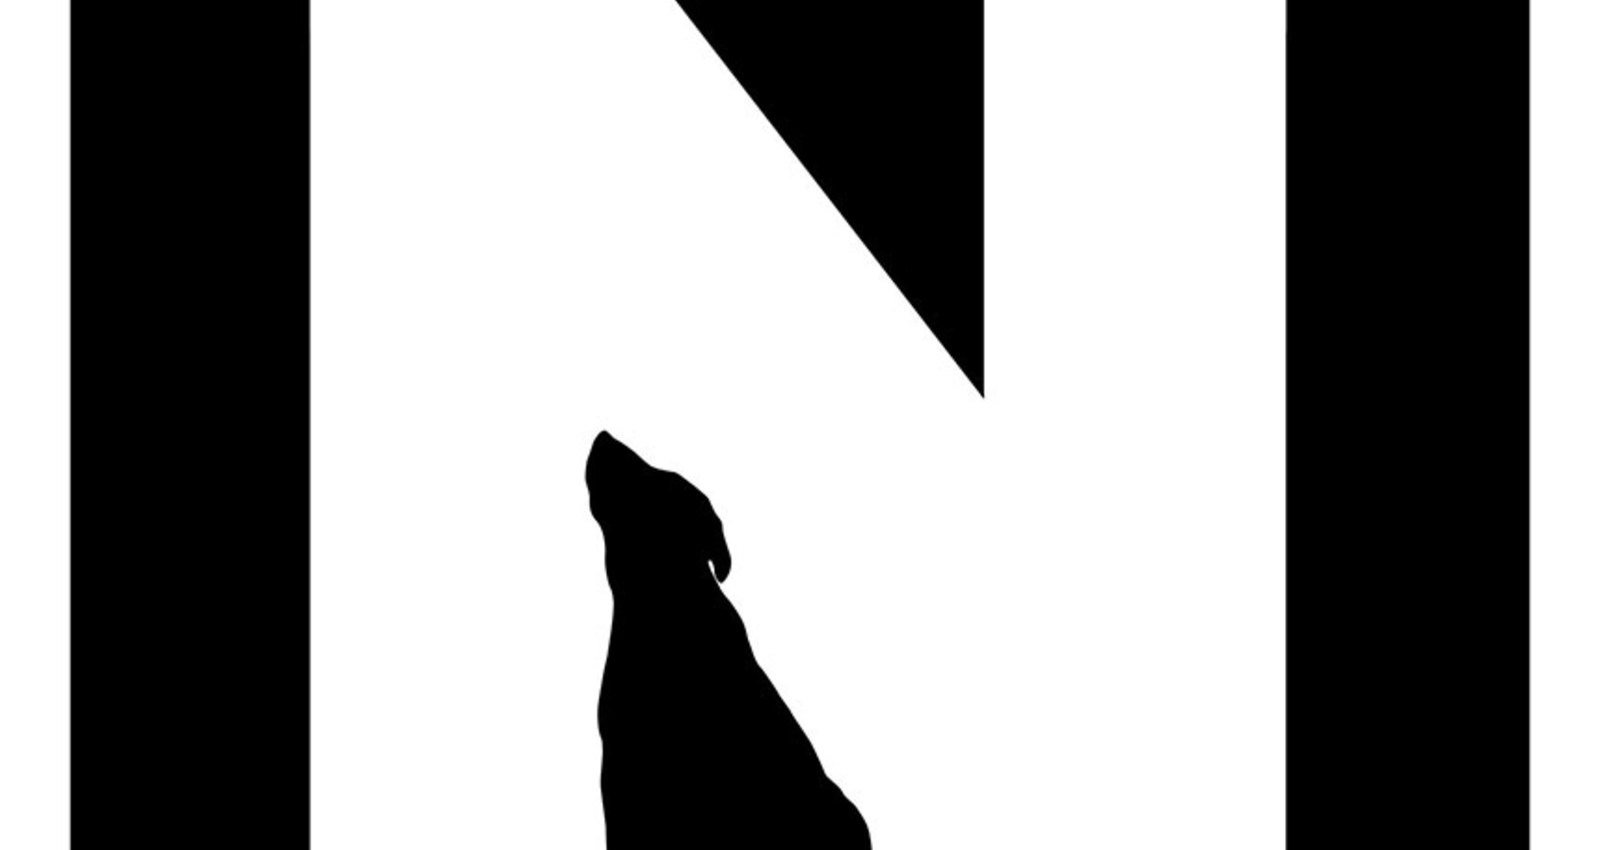 Letters: N